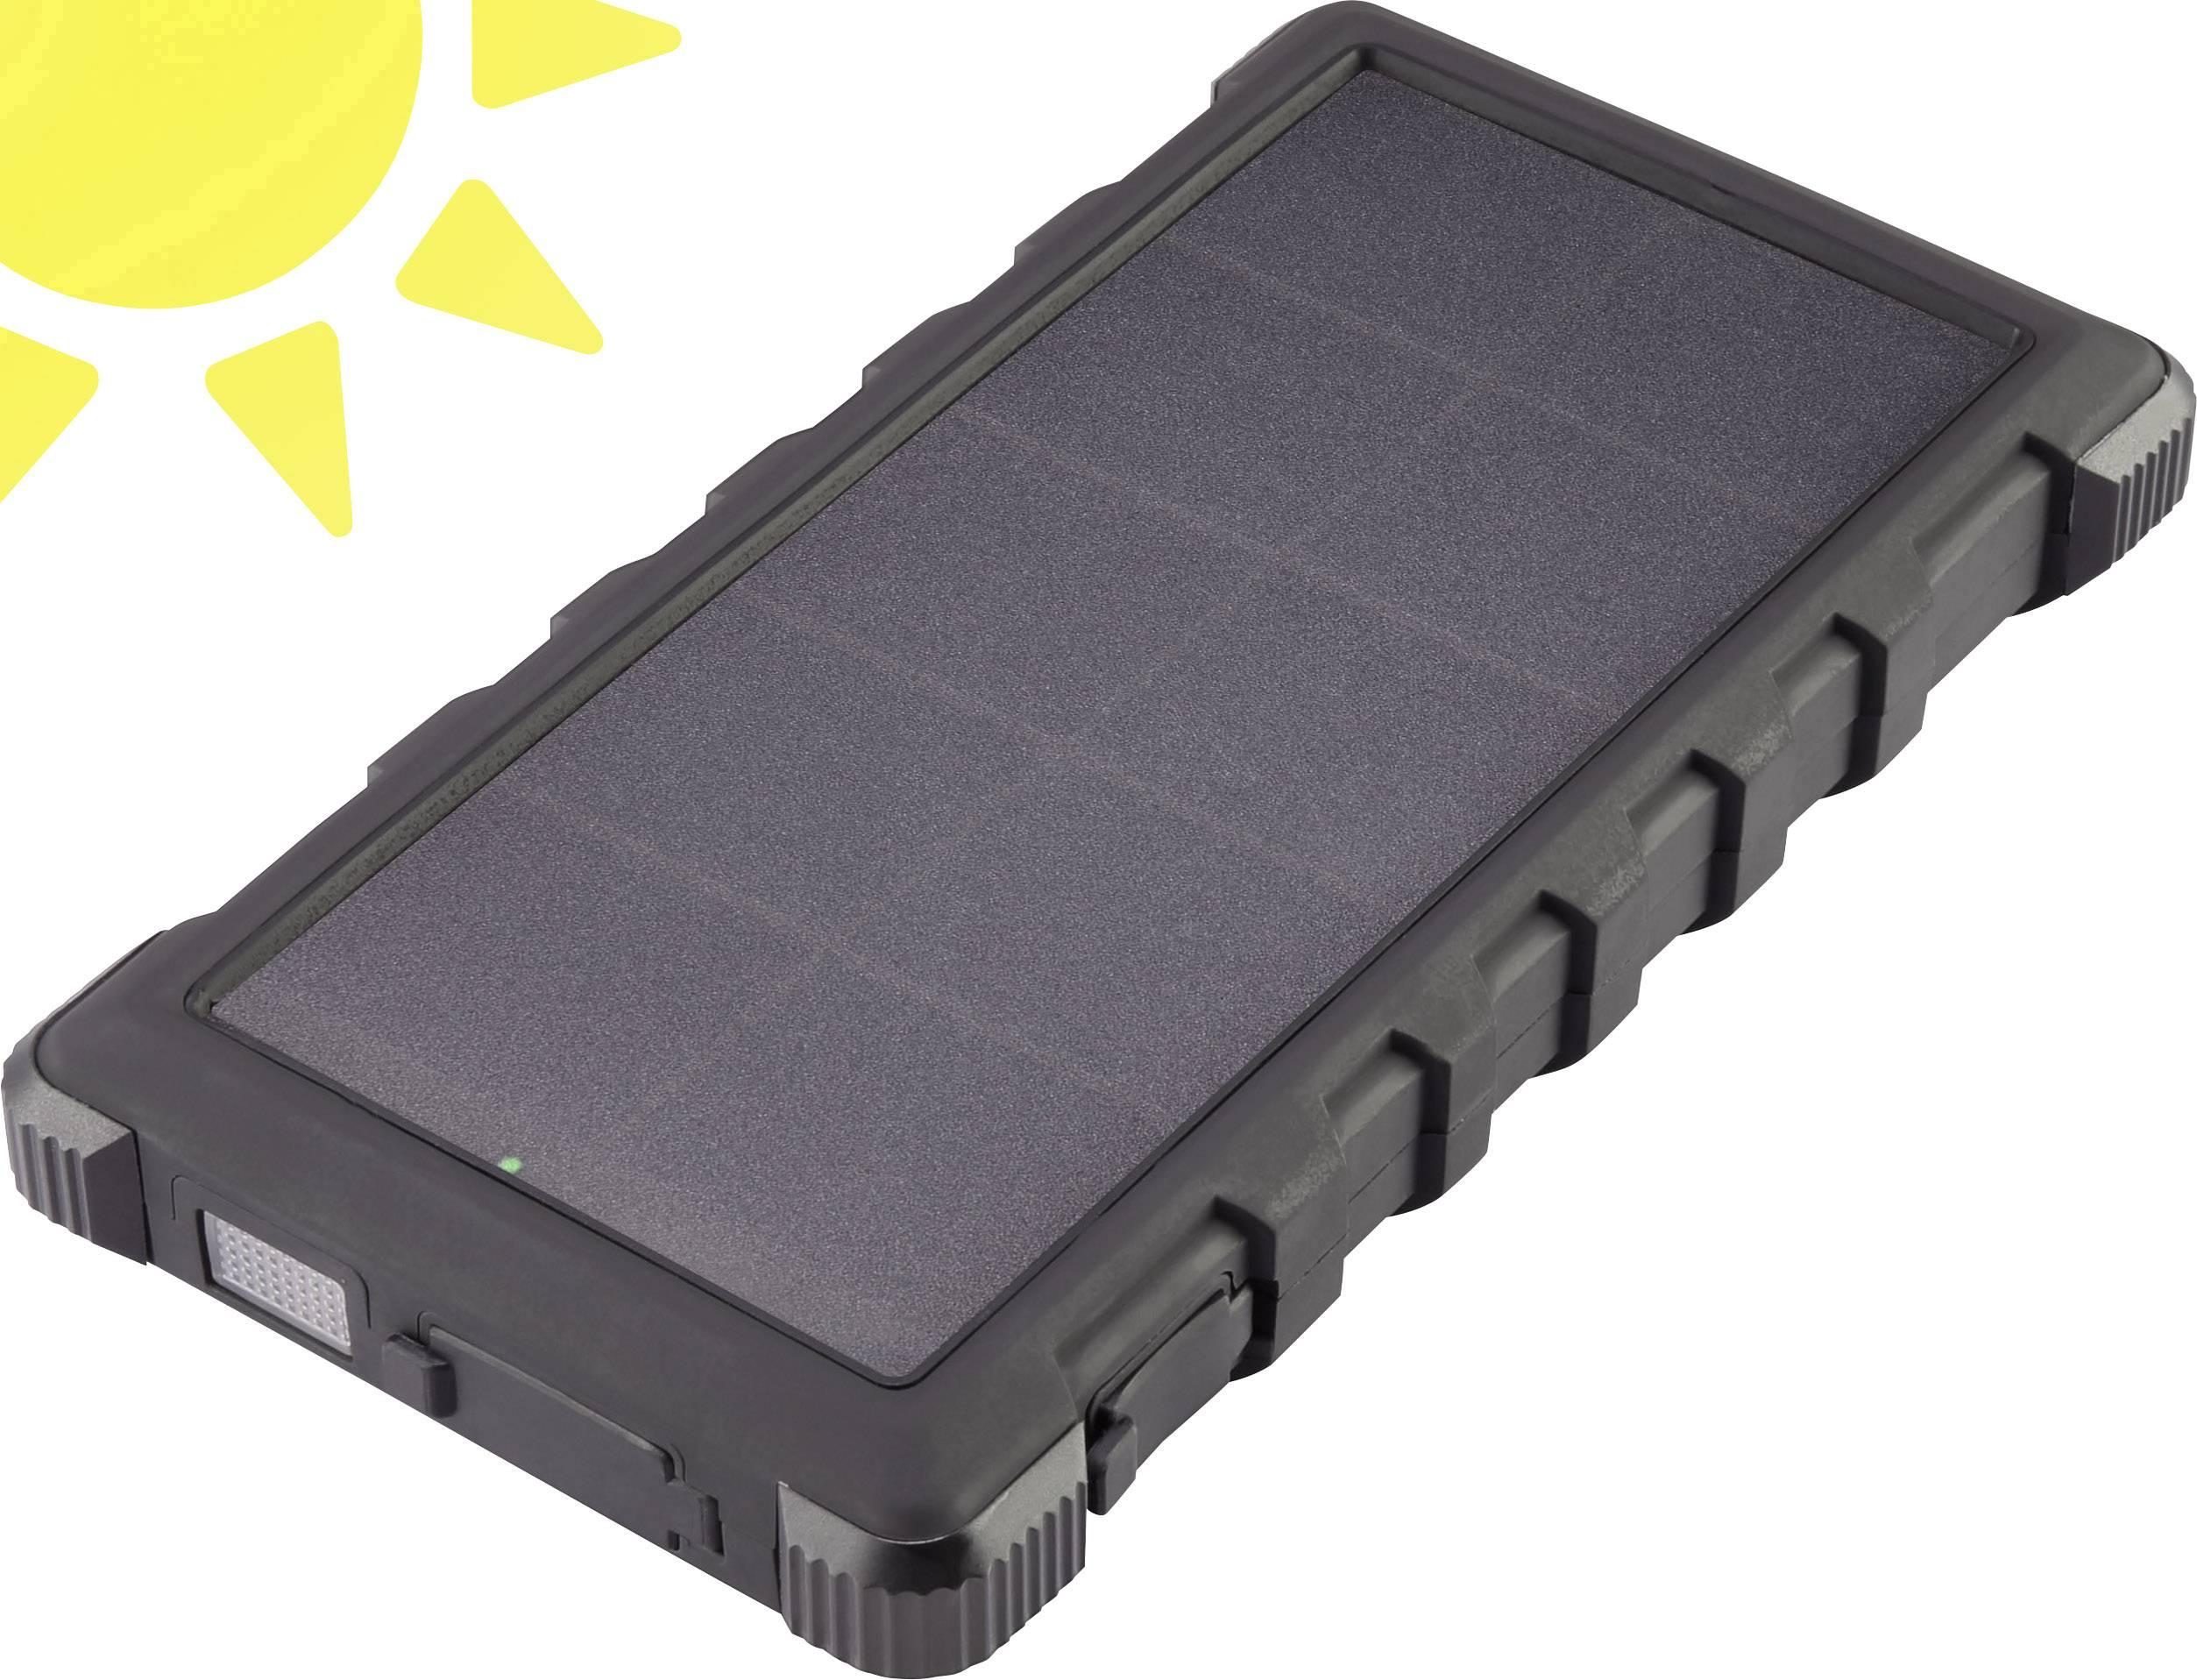 Powerbanka VOLTCRAFT SL-10C, Li-Pol 10000 mAh, černá